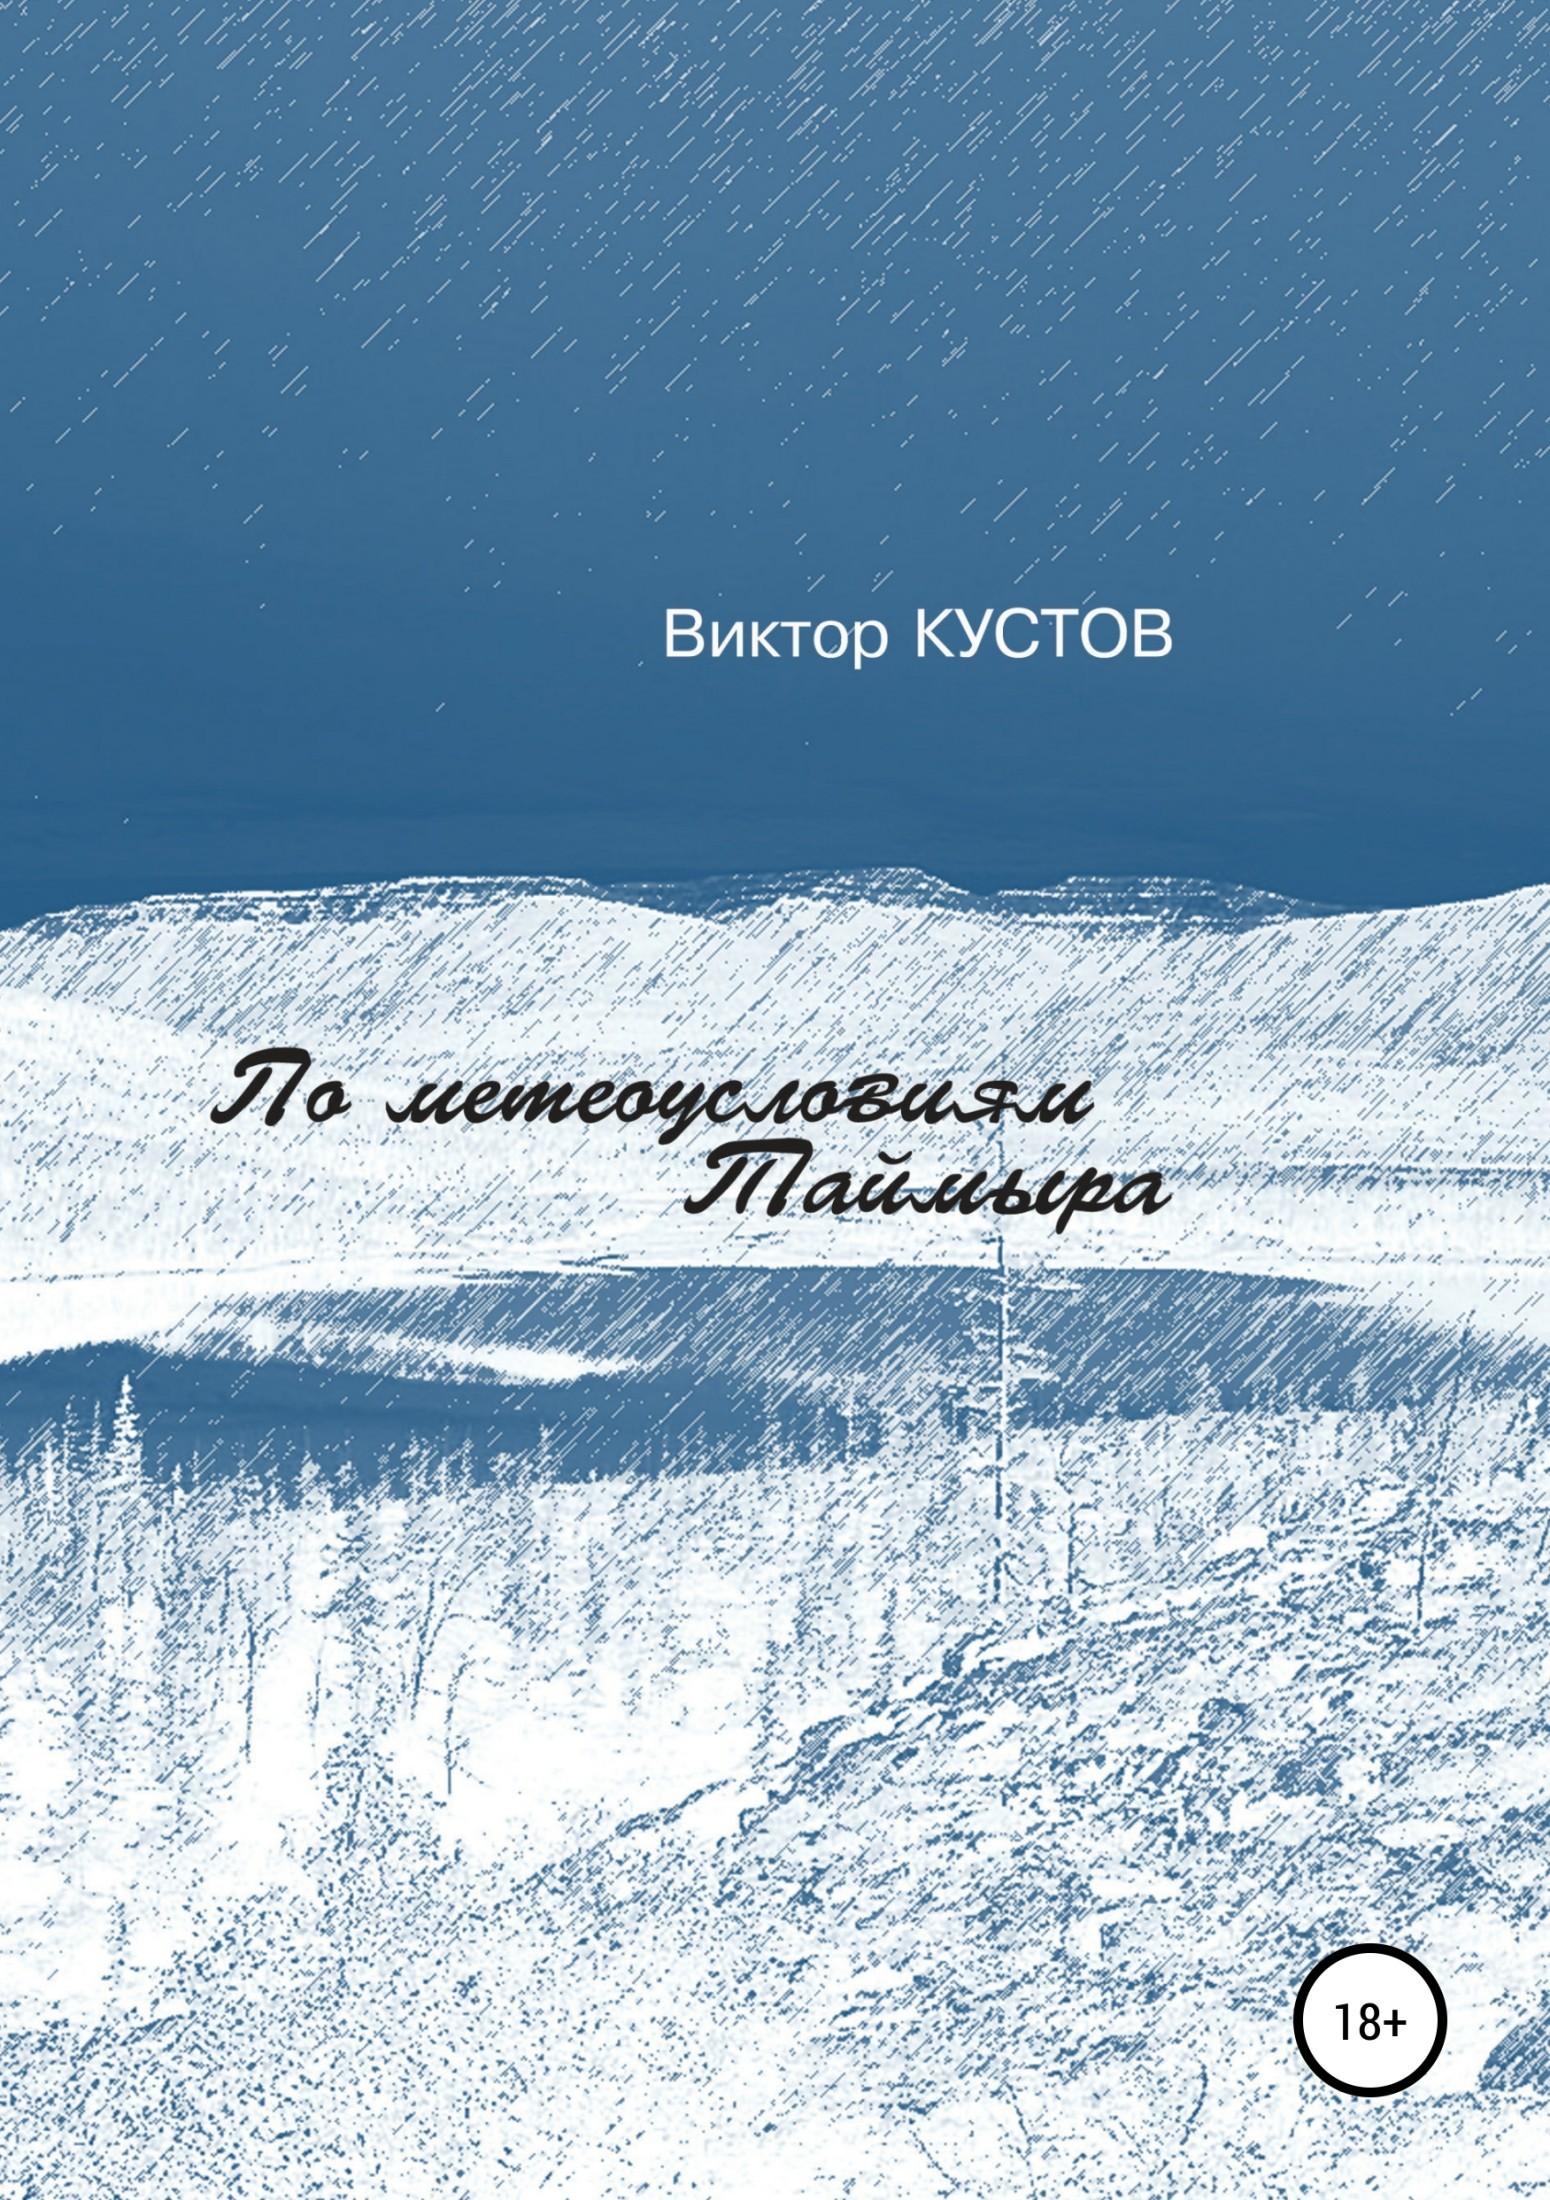 По метеоусловиям Таймыра